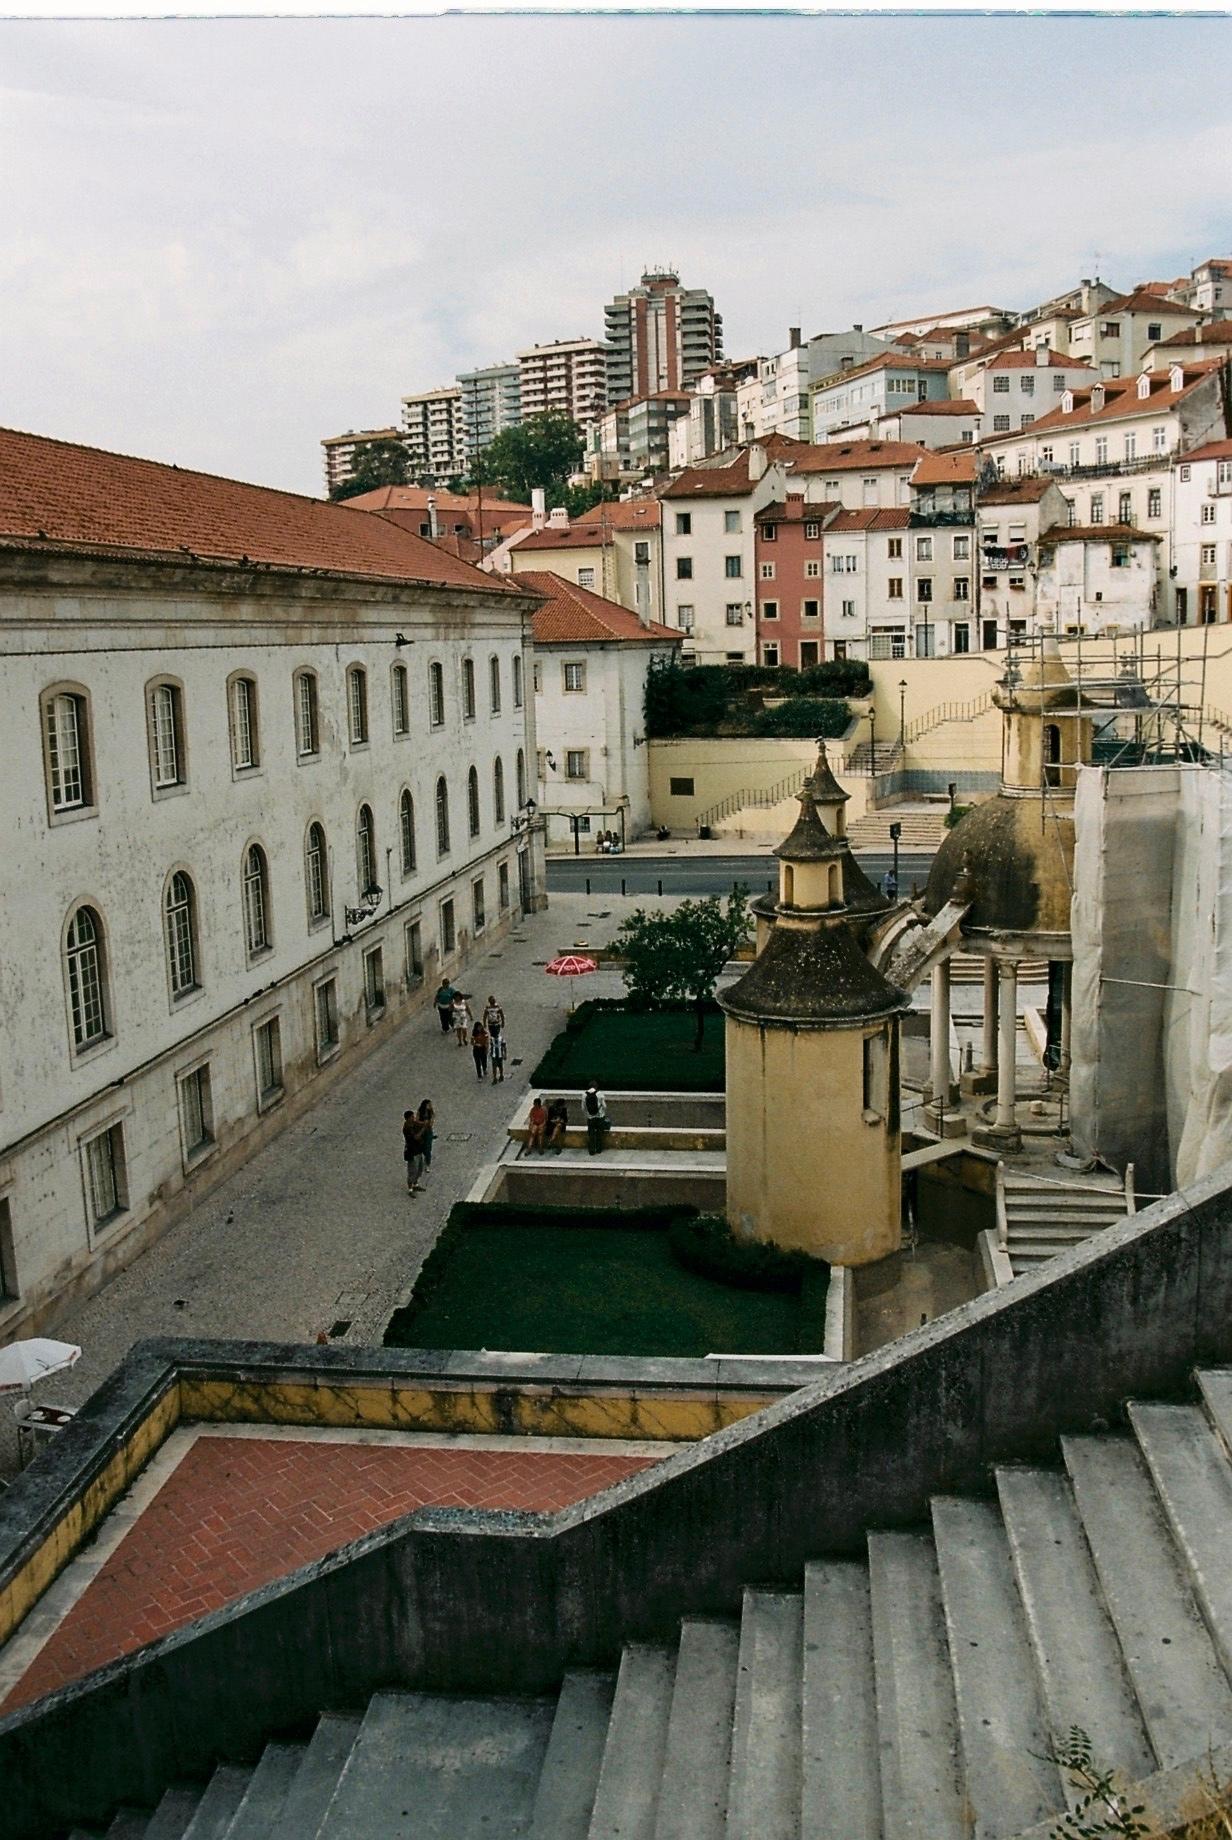 Coimbra 08-2019 - 16 of 62